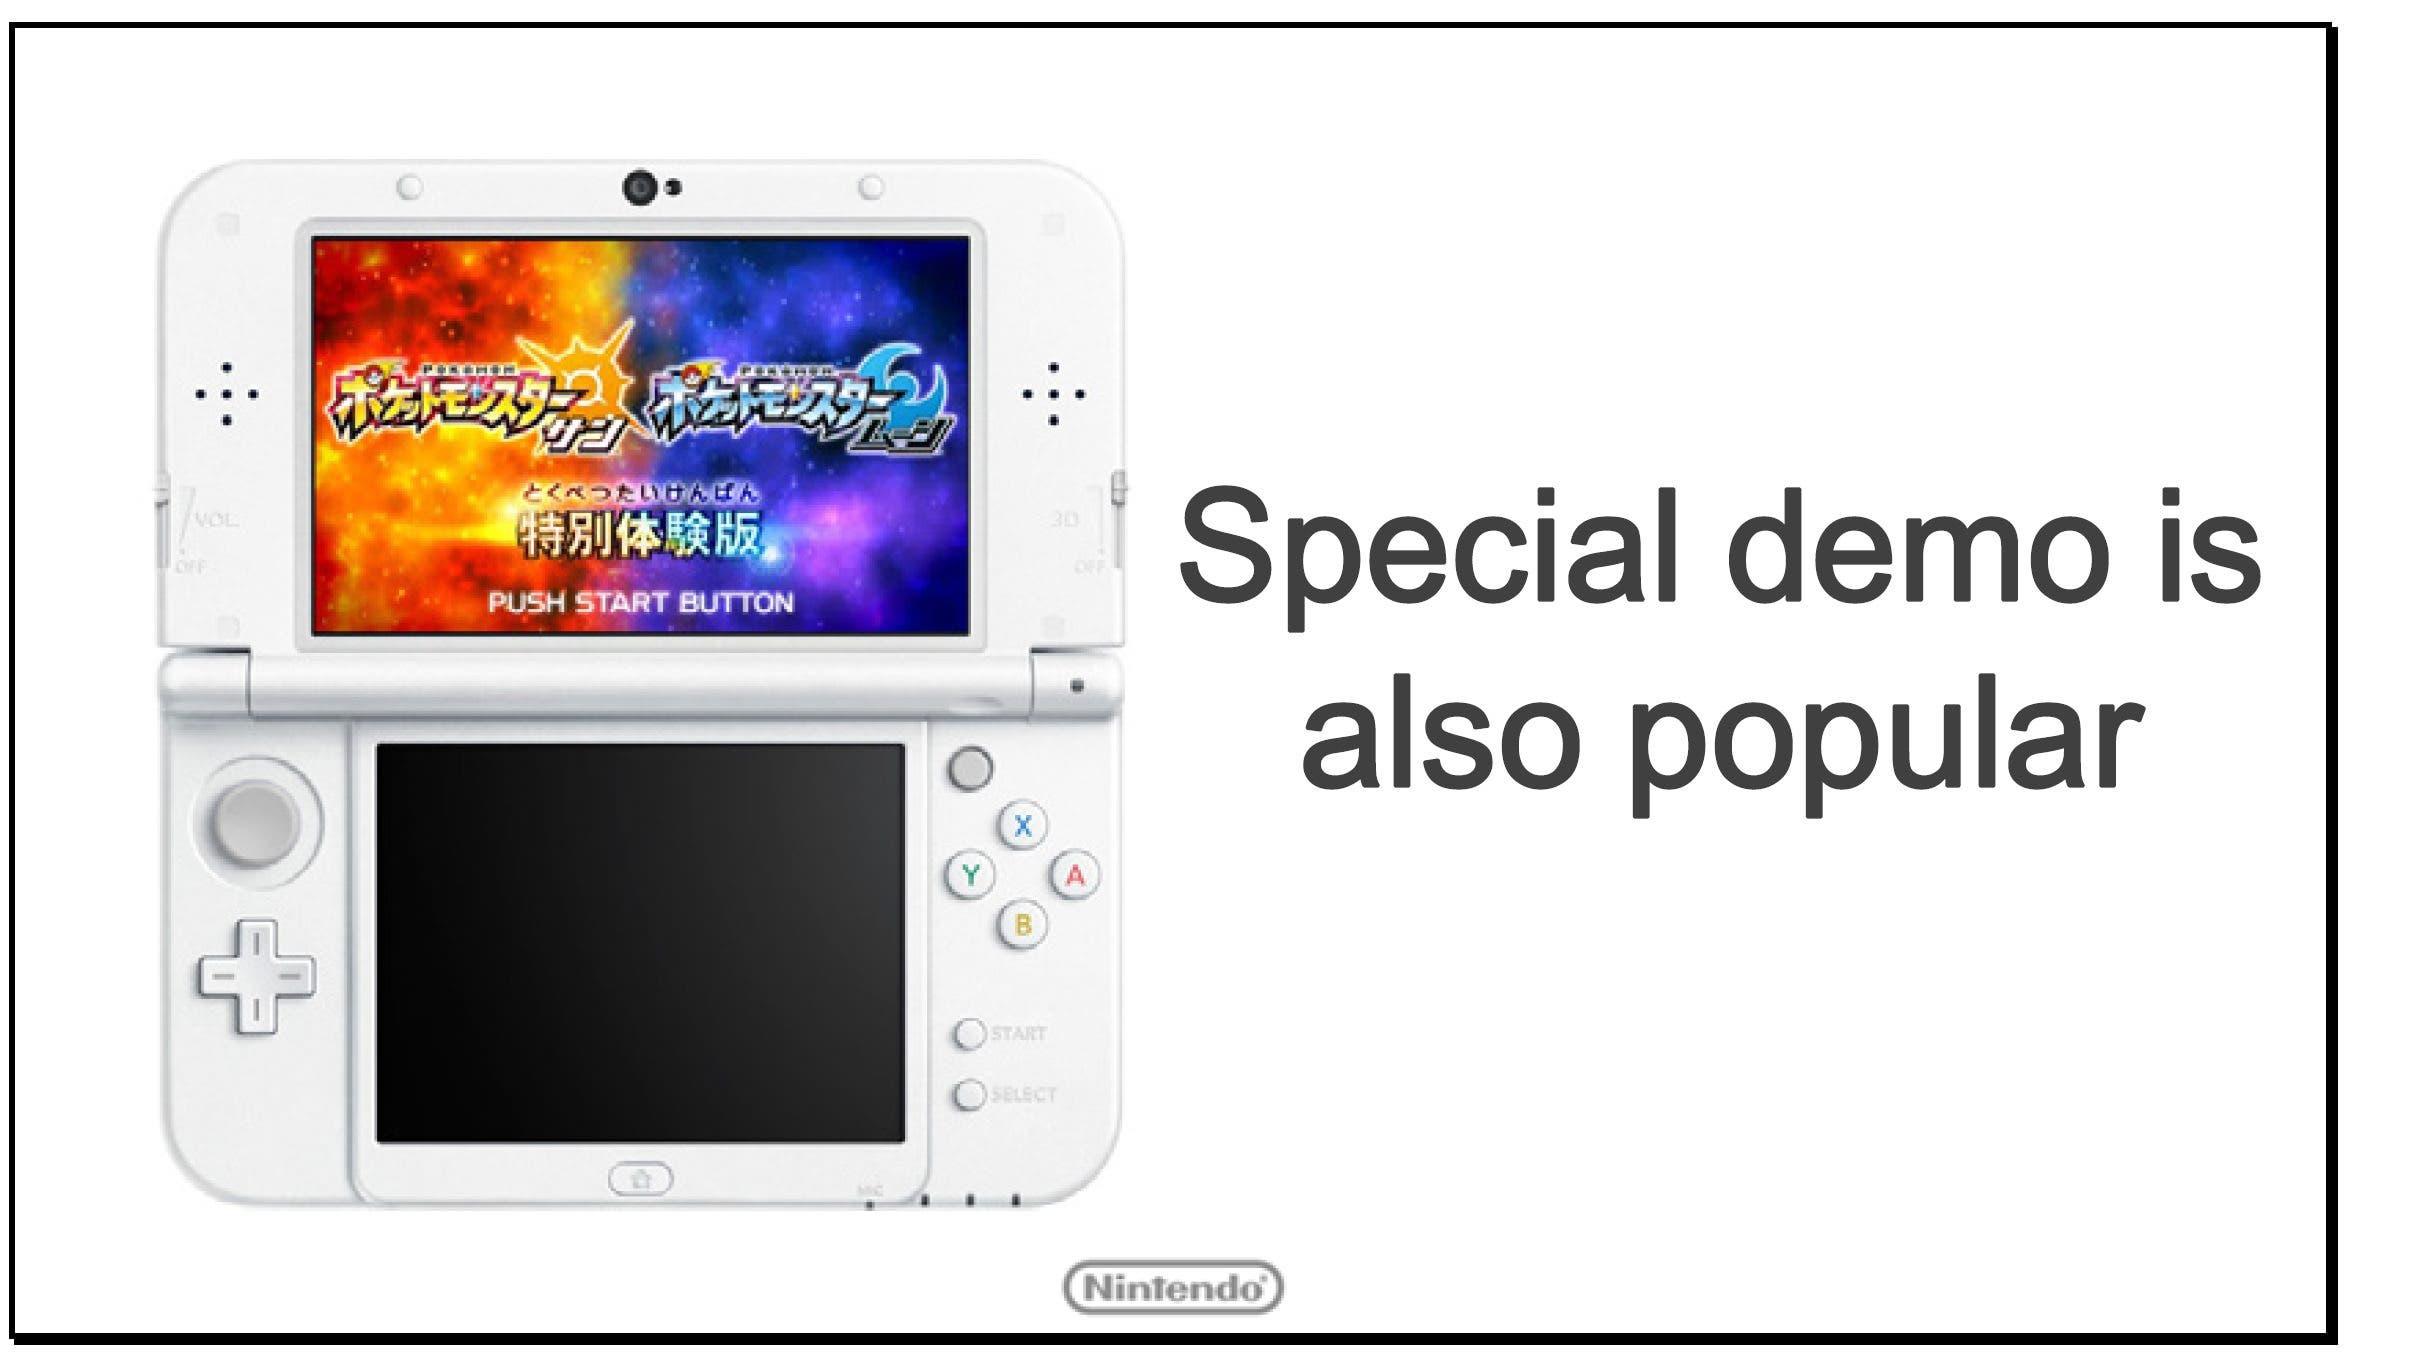 La demo de 'Pokémon Sol y Luna' alcanza los 3,5 millones de descargas en una semana